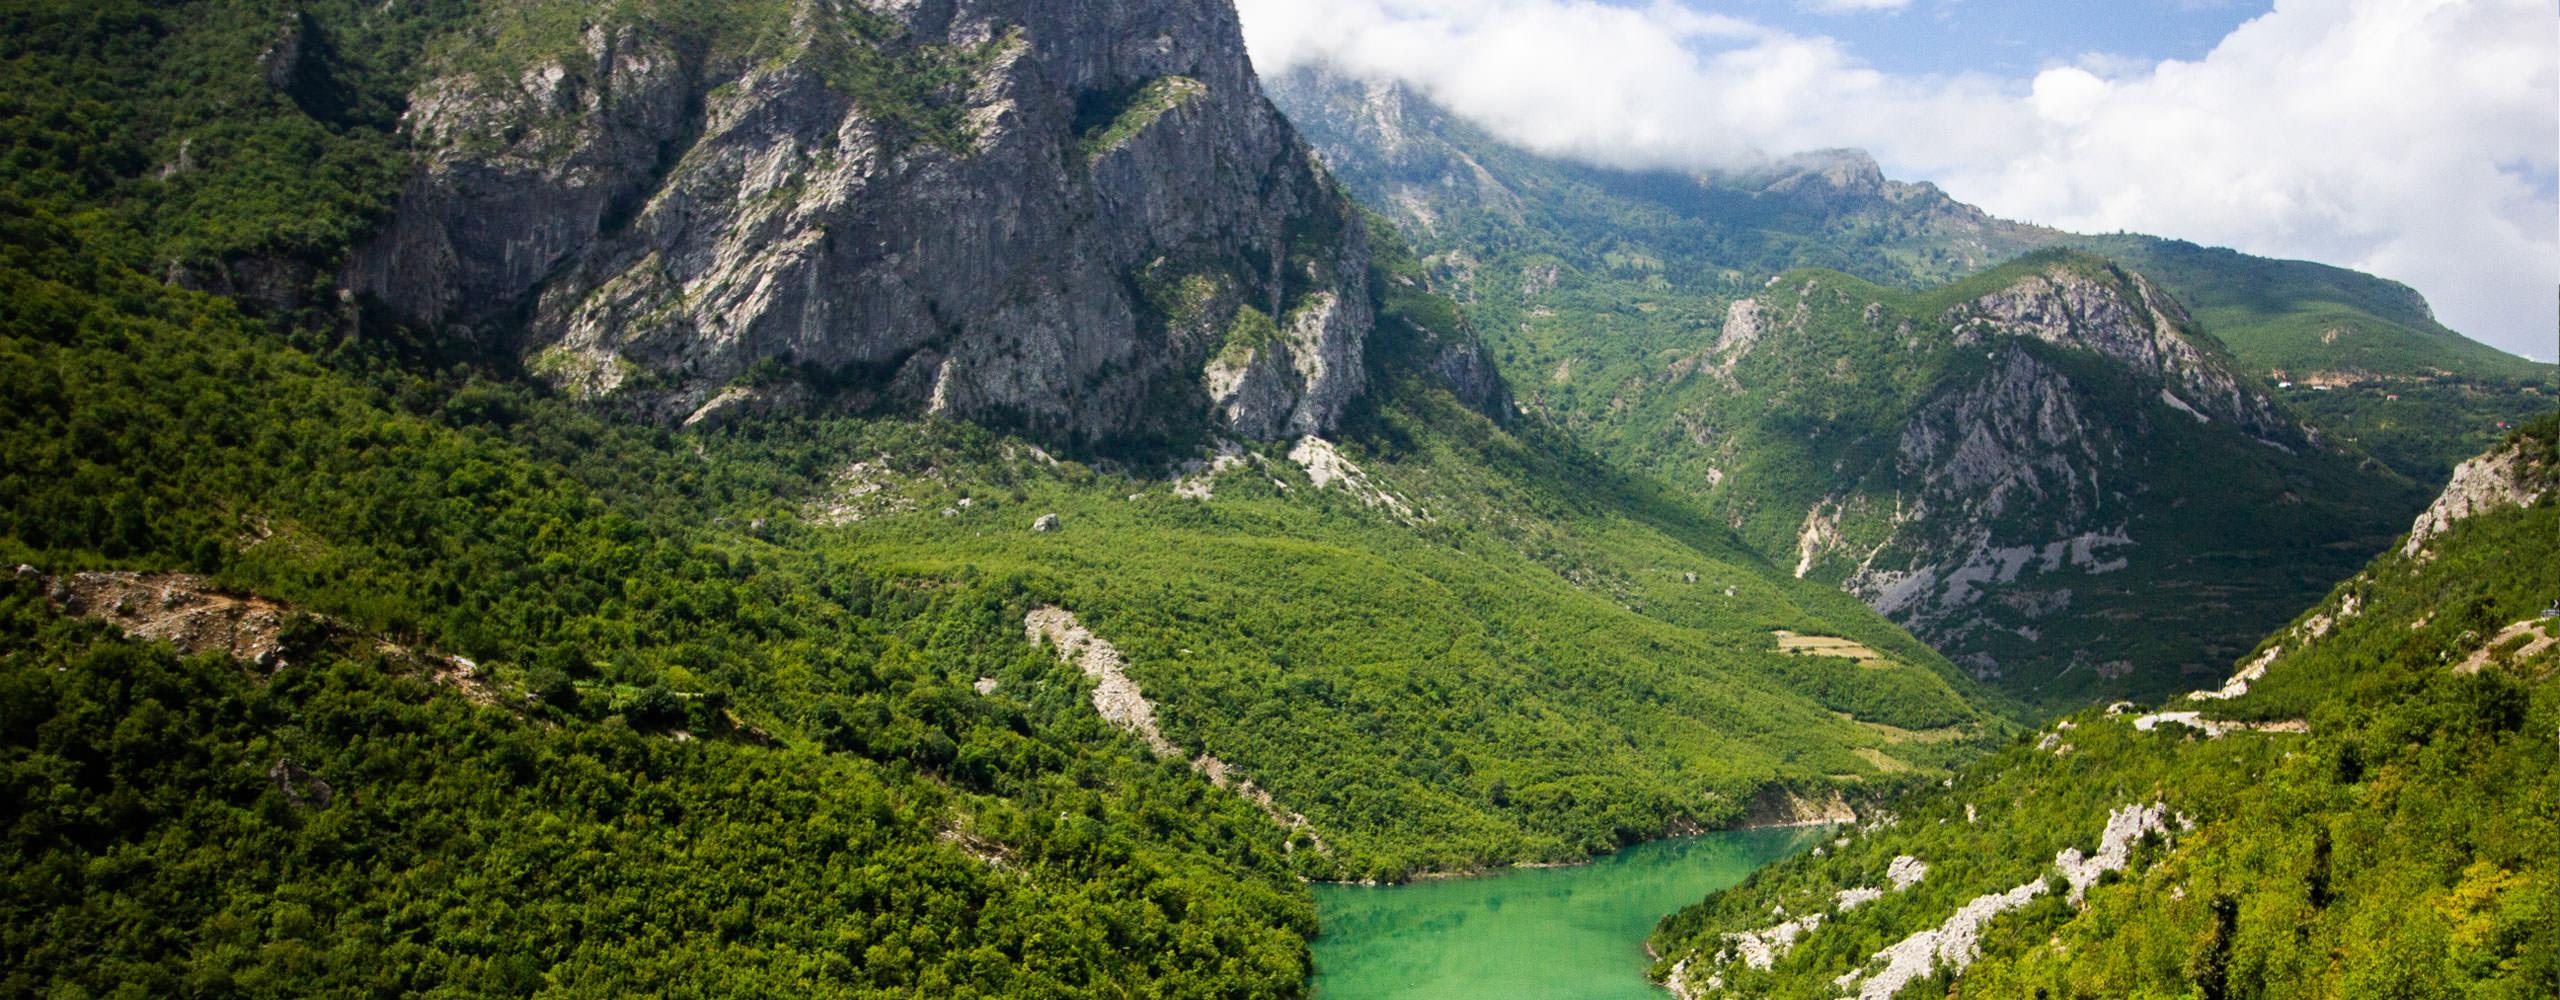 טיולי ג'יפים לאלבניה